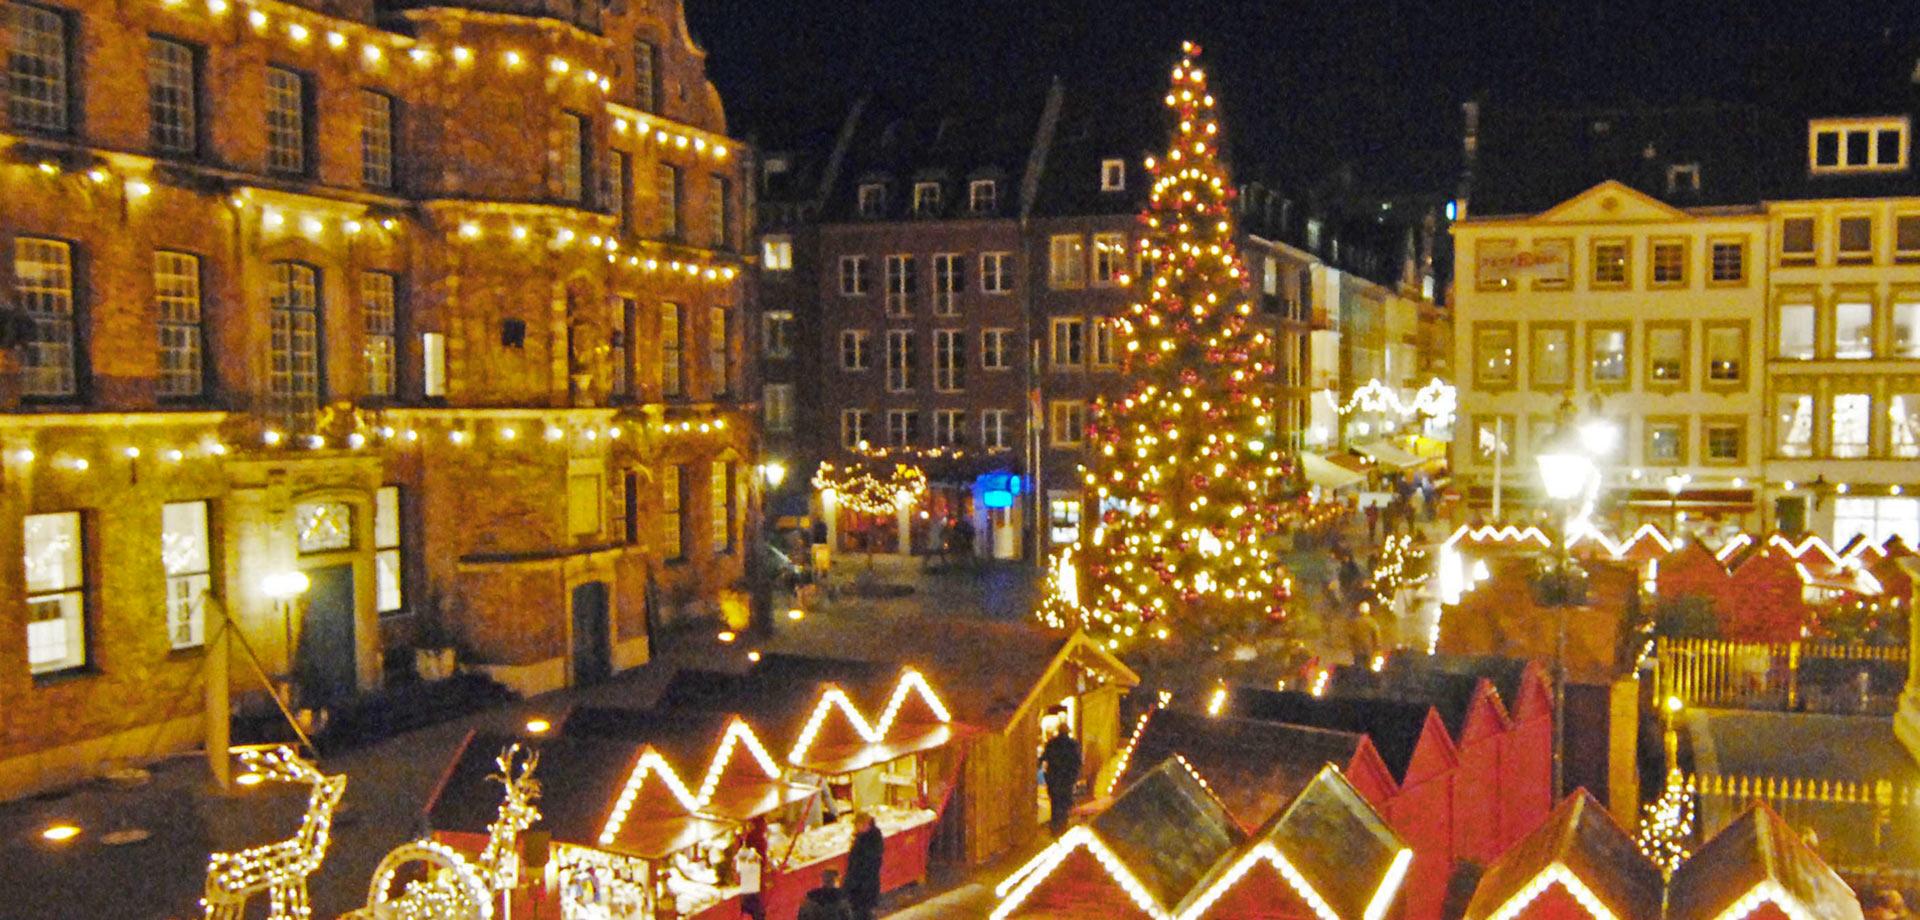 Weihnachtsmarkt Morgen.Der Düsseldorfer Weihnachtsmarkt Wird Morgen Eröffnet Villa Achenbach